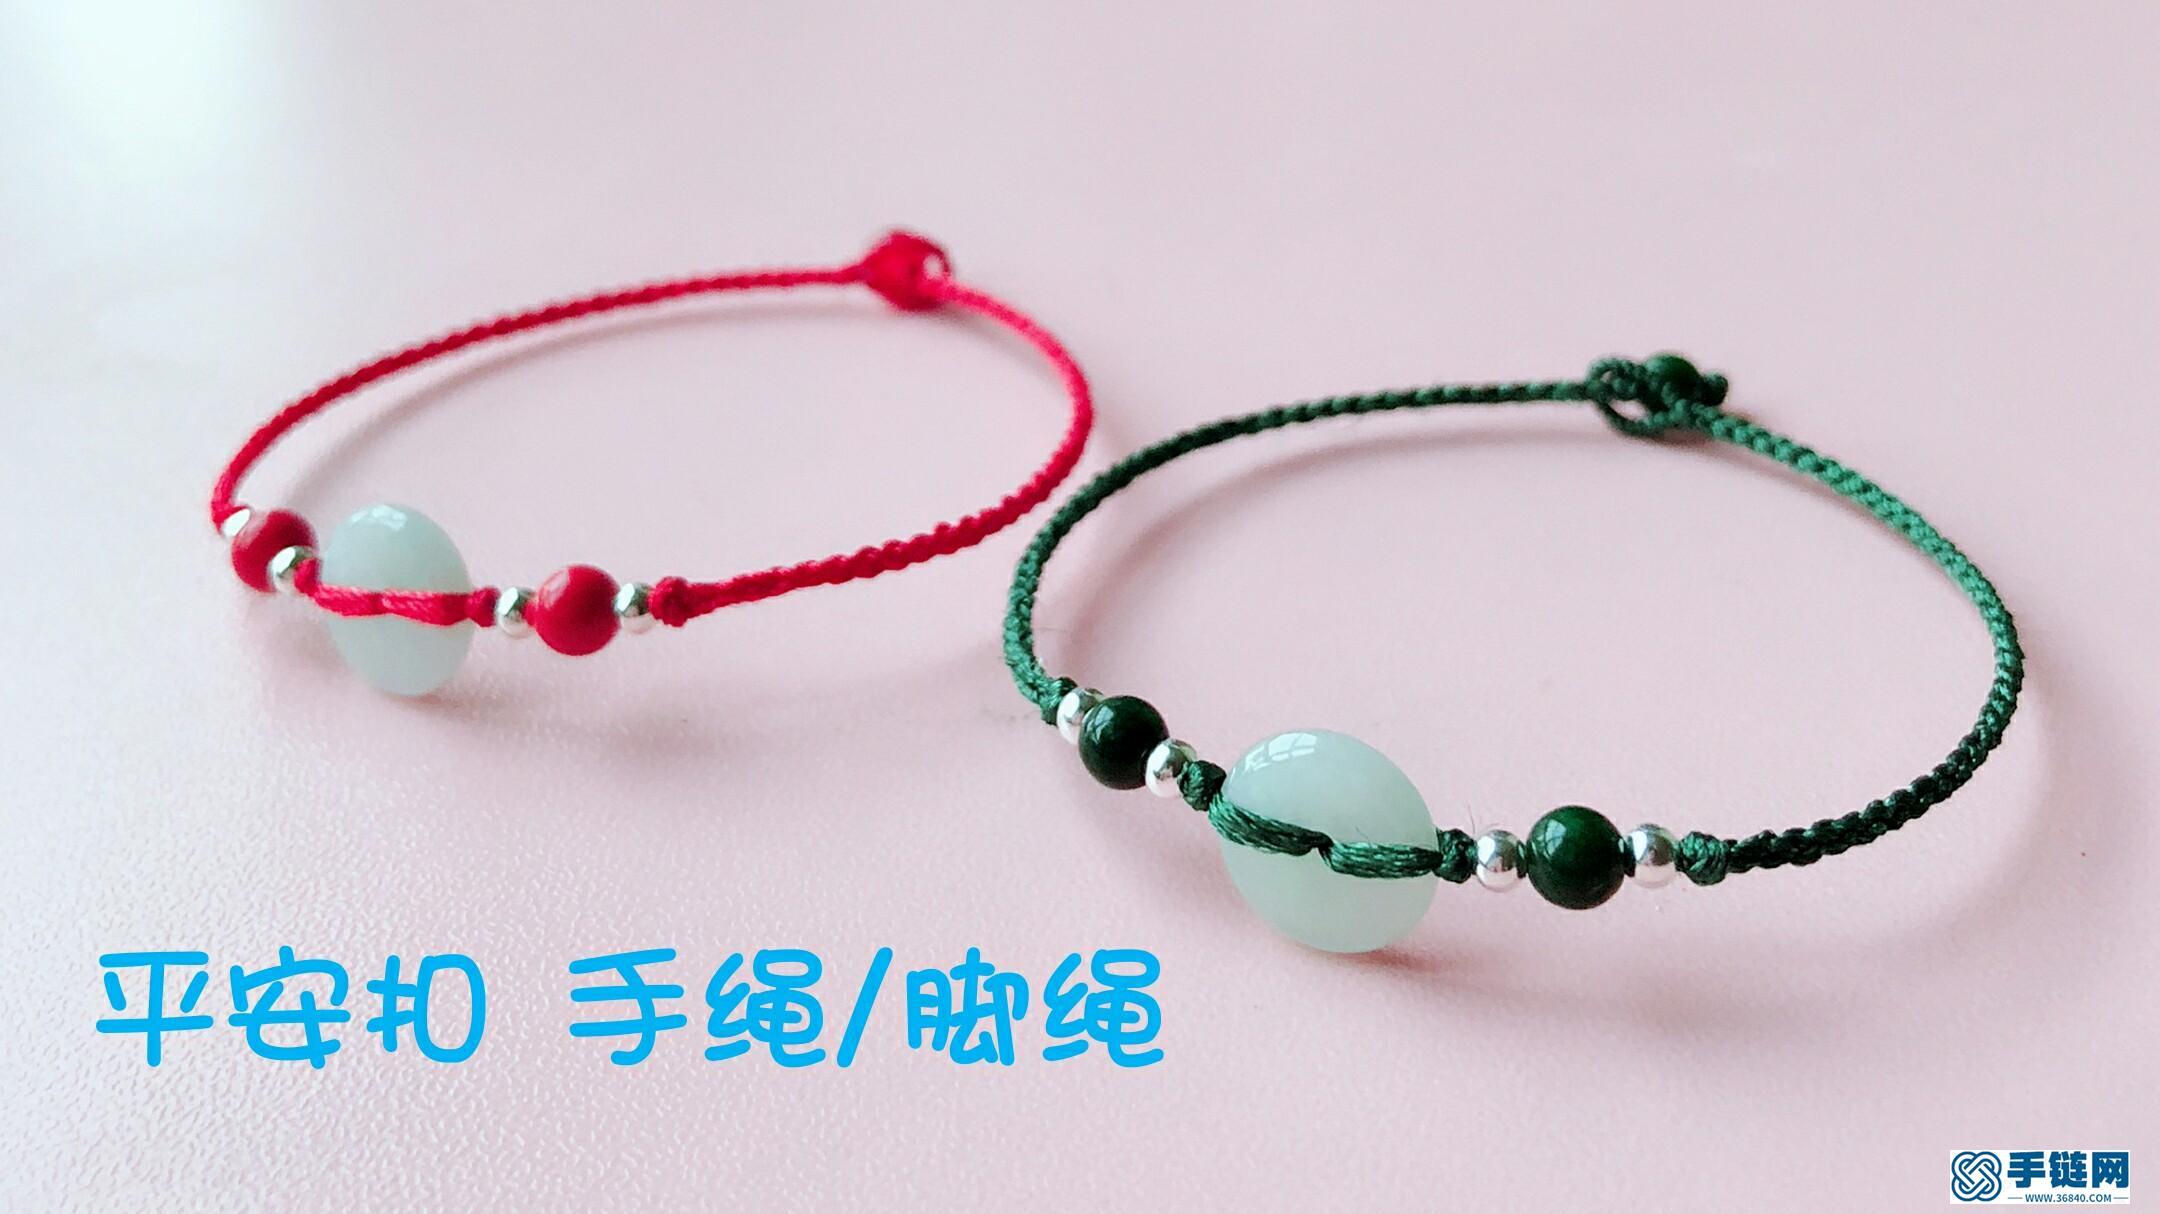 83 翡翠平安扣手绳/脚绳(朱砂、干青)